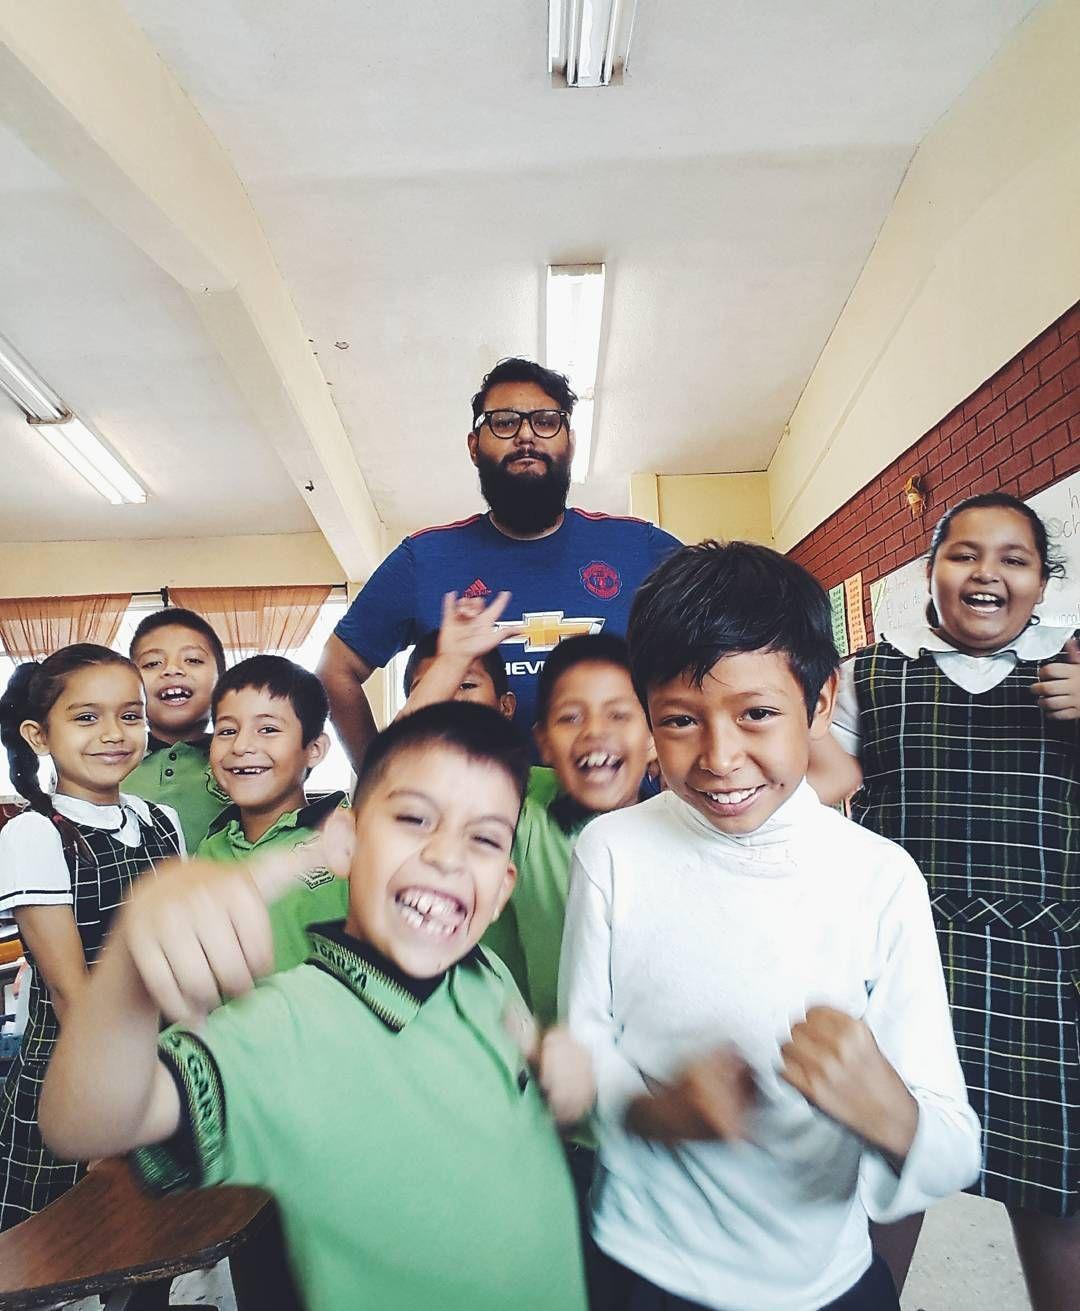 8 peliculas y documentales sobre educacion